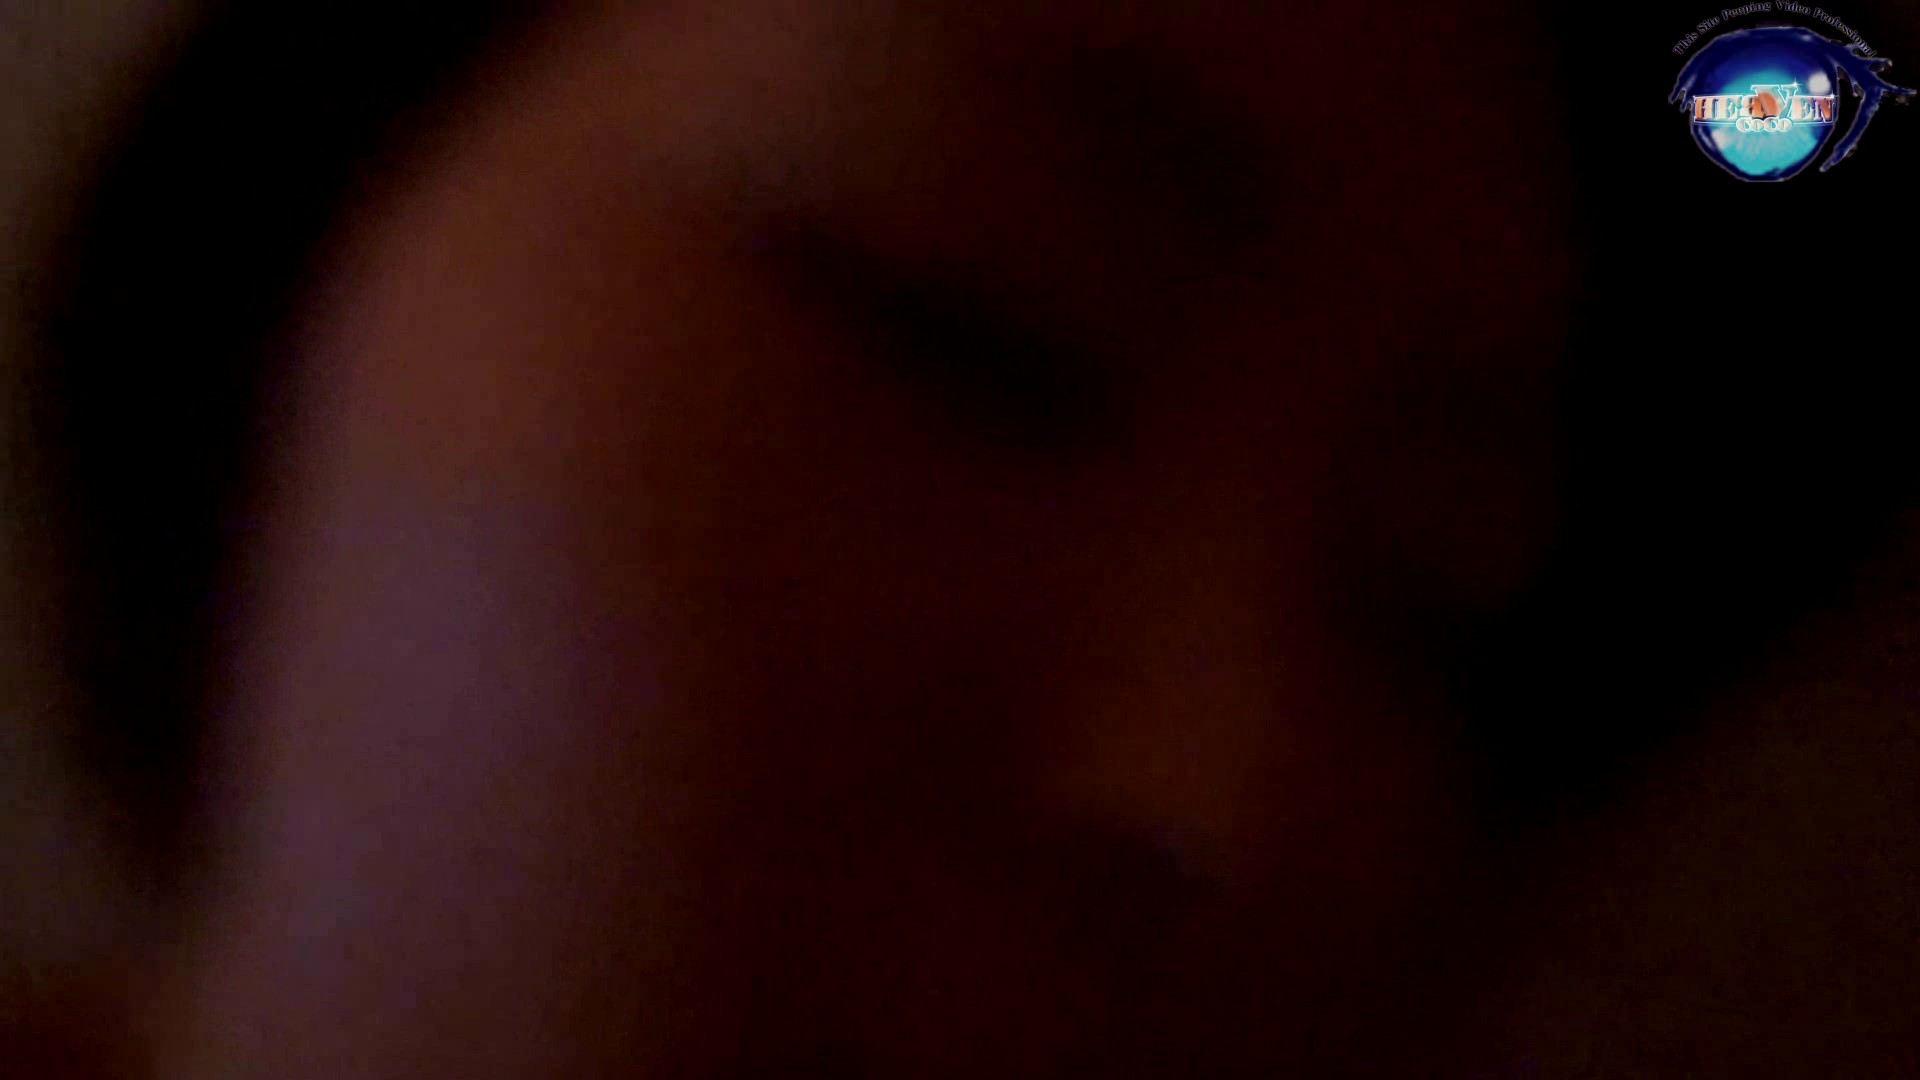 睡魔 シュウライ 第参壱話 前半 女子大生のエロ動画 | イタズラ動画  94PIX 73